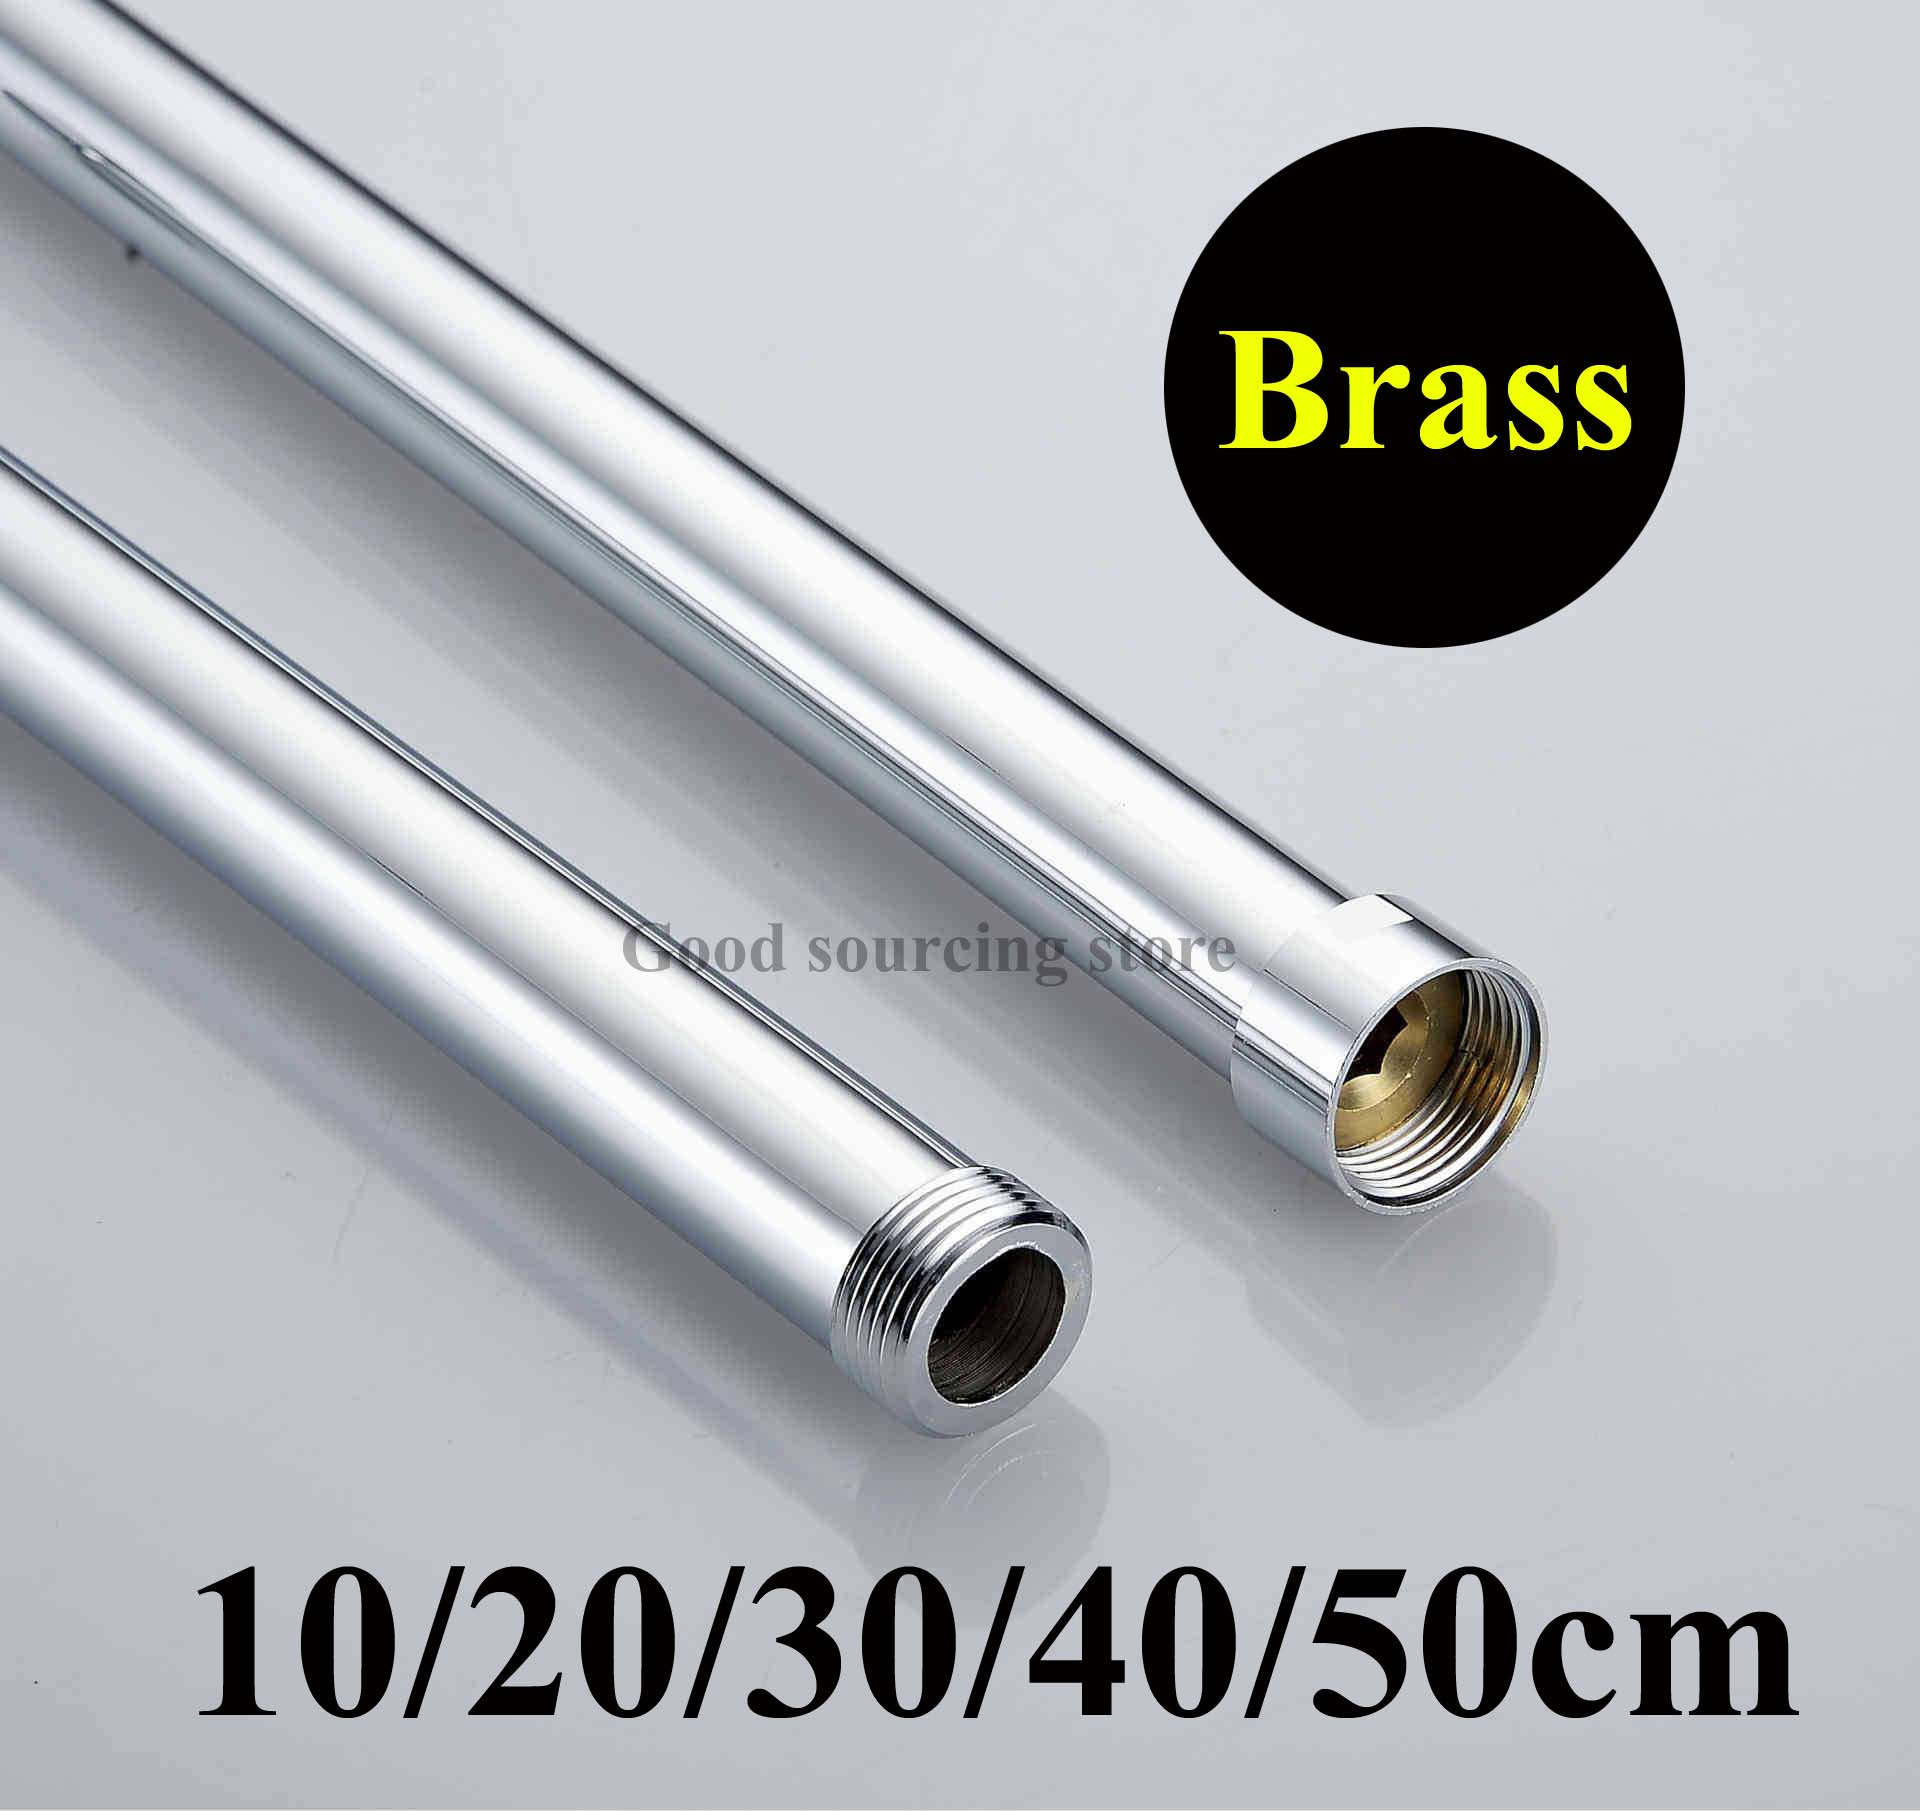 [해외]10 / 20 / 30 / 40 / 50cm 황동 샤워 연장 막대 튜브 바 파이프/10/20/30/40/50cm brass shower extension rod tube bar pipe